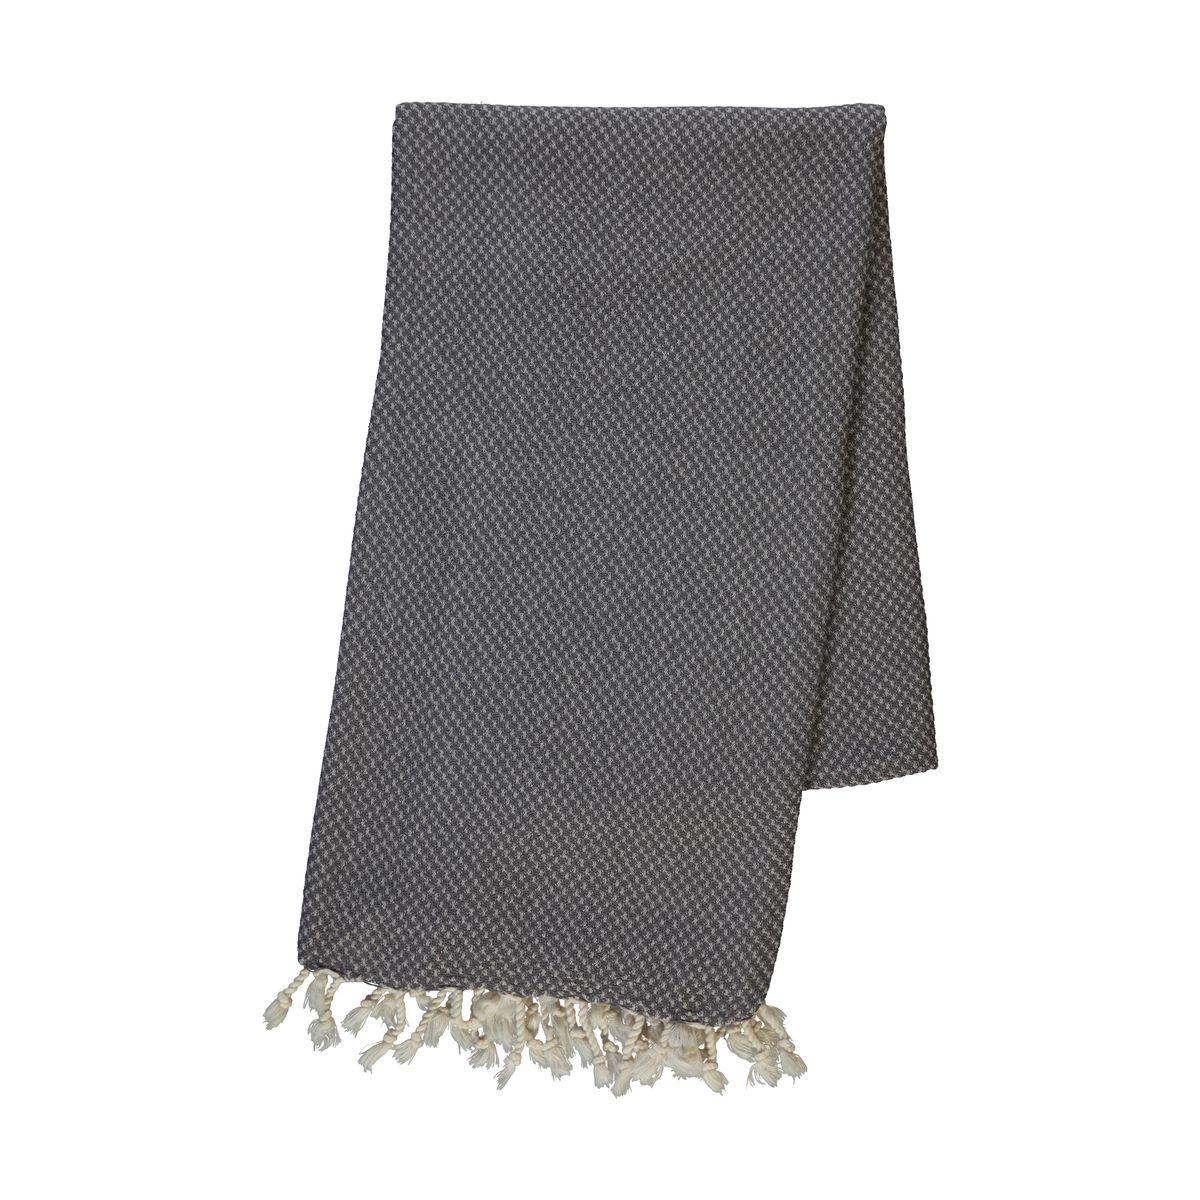 Peshtemal Dama - Dark Grey